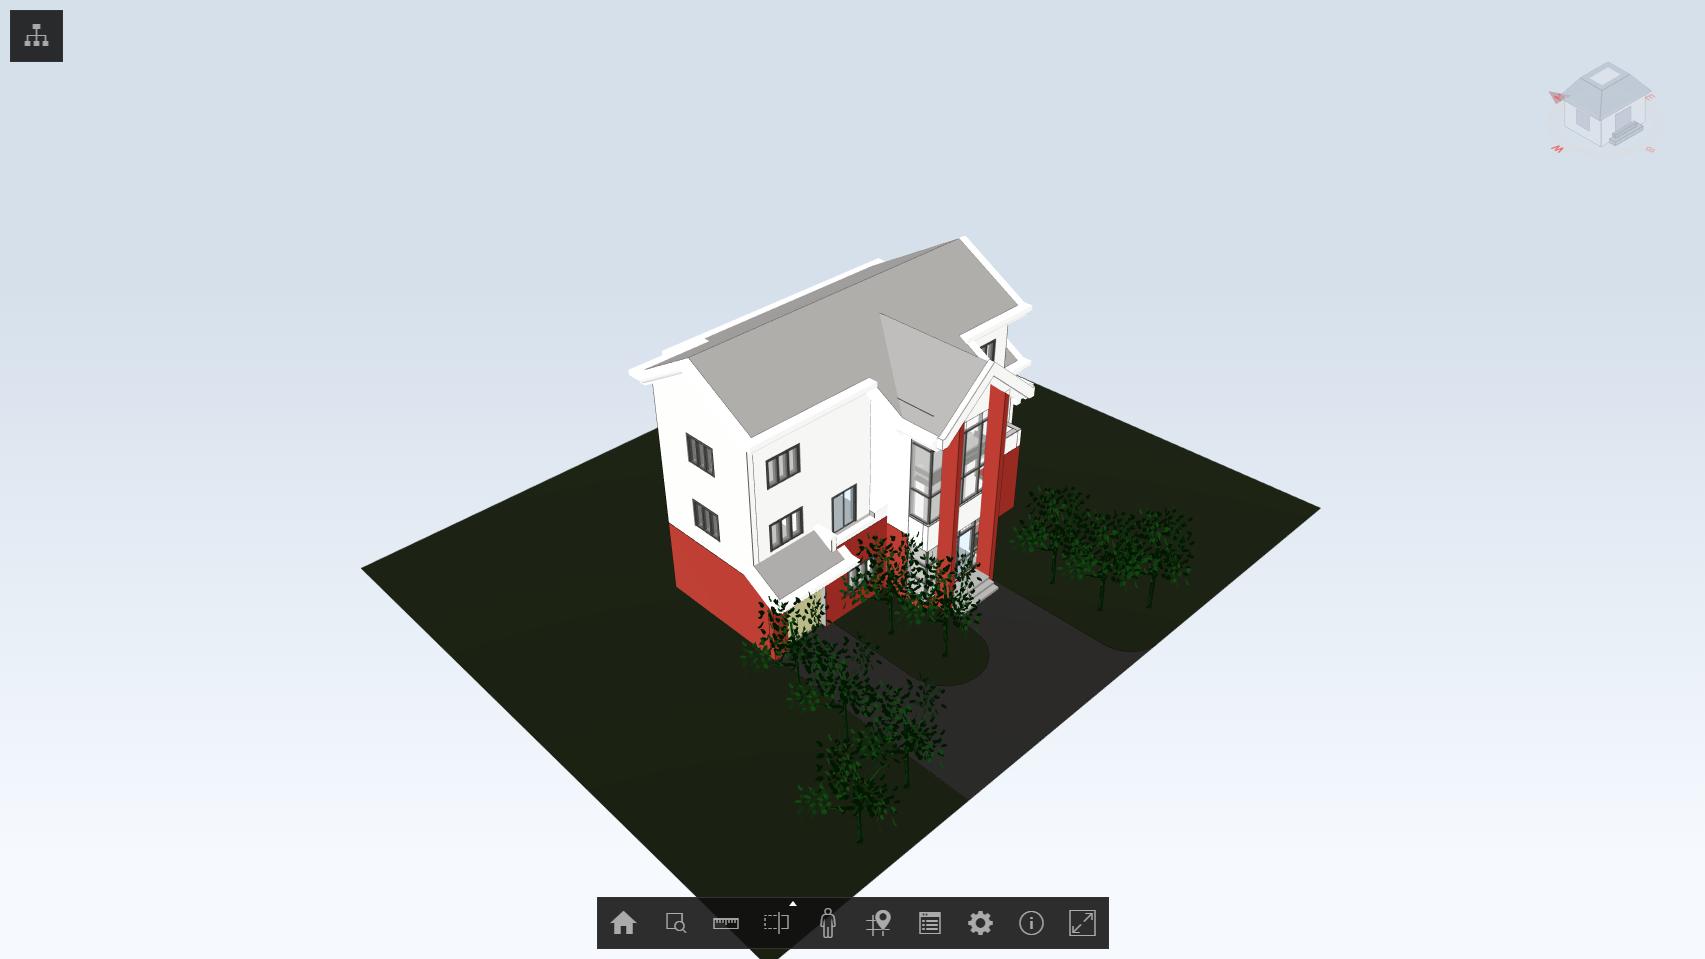 简易-加载显示模型